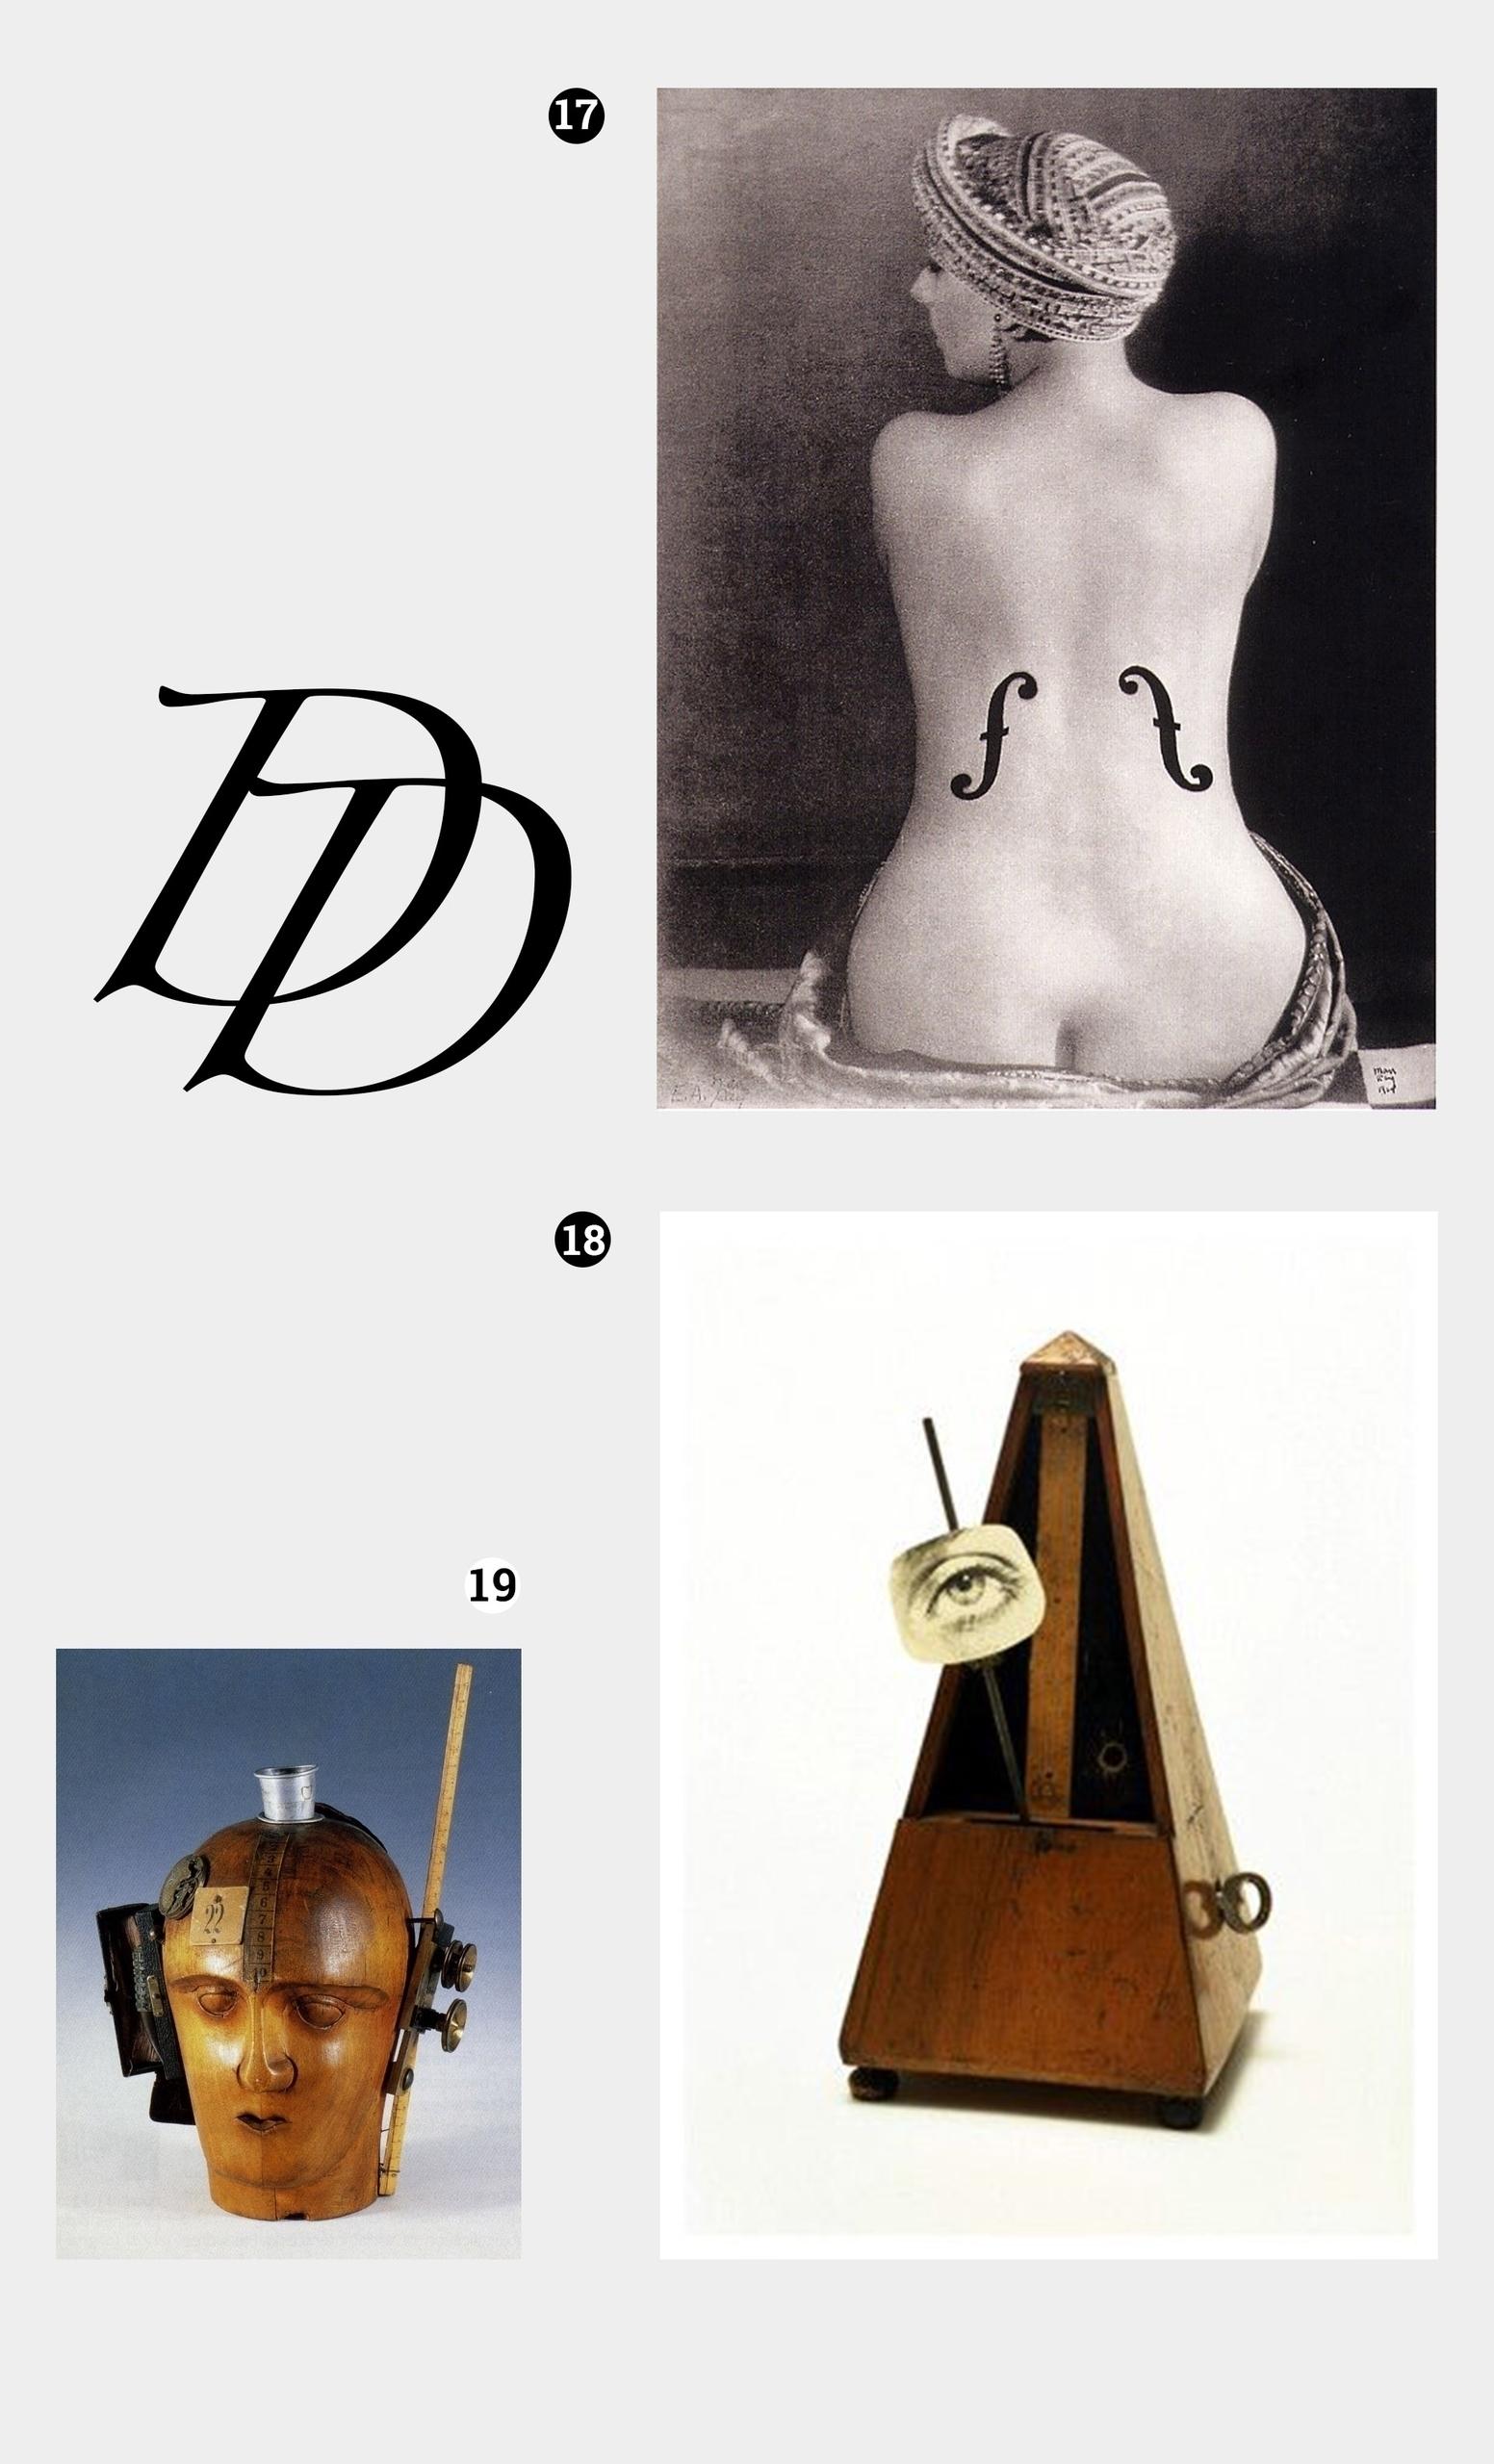 Obraz przedstawia trzy zdjęcia. Widzimy jedną fotografię i dwa obiekty. Obok czarne litery.